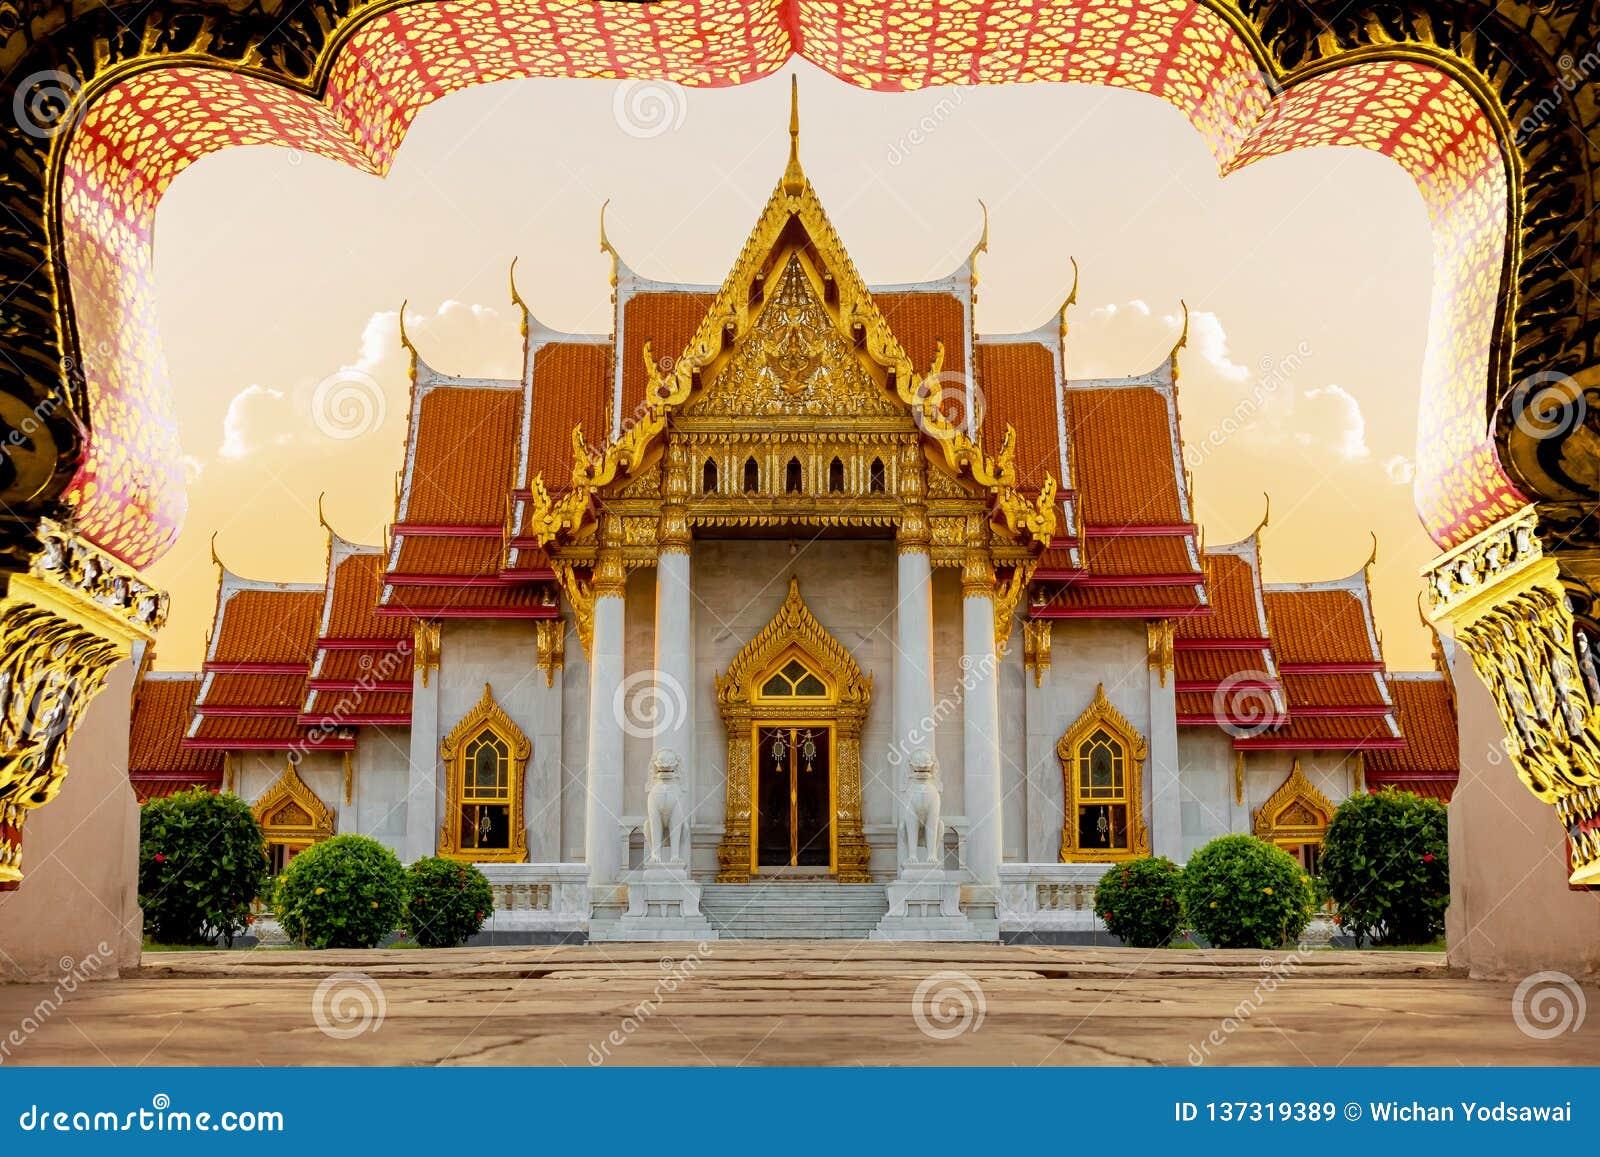 Melhor do templo do mármore do turismo Wat Benchamabophit em Banguecoque Tailândia